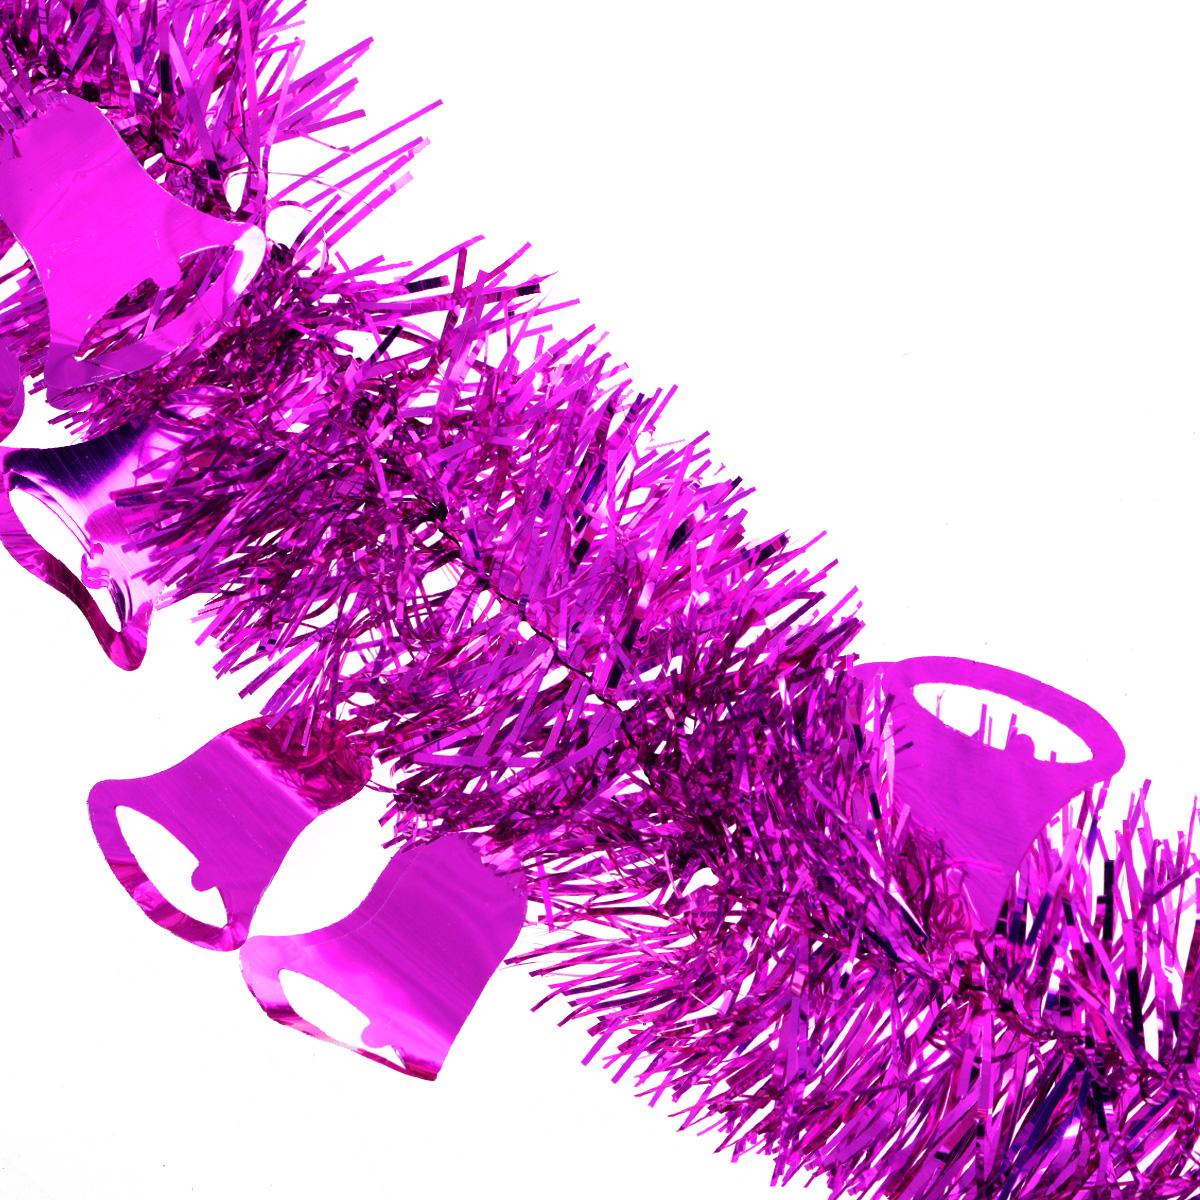 Мишура новогодняя Sima-land, цвет: малиновый, диаметр 8 см, длина 2 м. 702594702594Новогодняя мишура Sima-land, выполненная из фольги с дизайном в виде колокольчиков, поможет вам украсить свой дом к предстоящим праздникам. А новогодняя елка с таким украшением станет еще наряднее. Мишура армирована, то есть имеет проволоку внутри и способна сохранять приданную ей форму. Новогодней мишурой можно украсить все, что угодно - елку, квартиру, дачу, офис - как внутри, так и снаружи. Можно сложить новогодние поздравления, буквы и цифры, мишурой можно украсить и дополнить гирлянды, можно выделить дверные колонны, оплести дверные проемы. Коллекция декоративных украшений из серии Зимнее волшебство принесет в ваш дом ни с чем несравнимое ощущение праздника! Создайте в своем доме атмосферу тепла, веселья и радости, украшая его всей семьей.